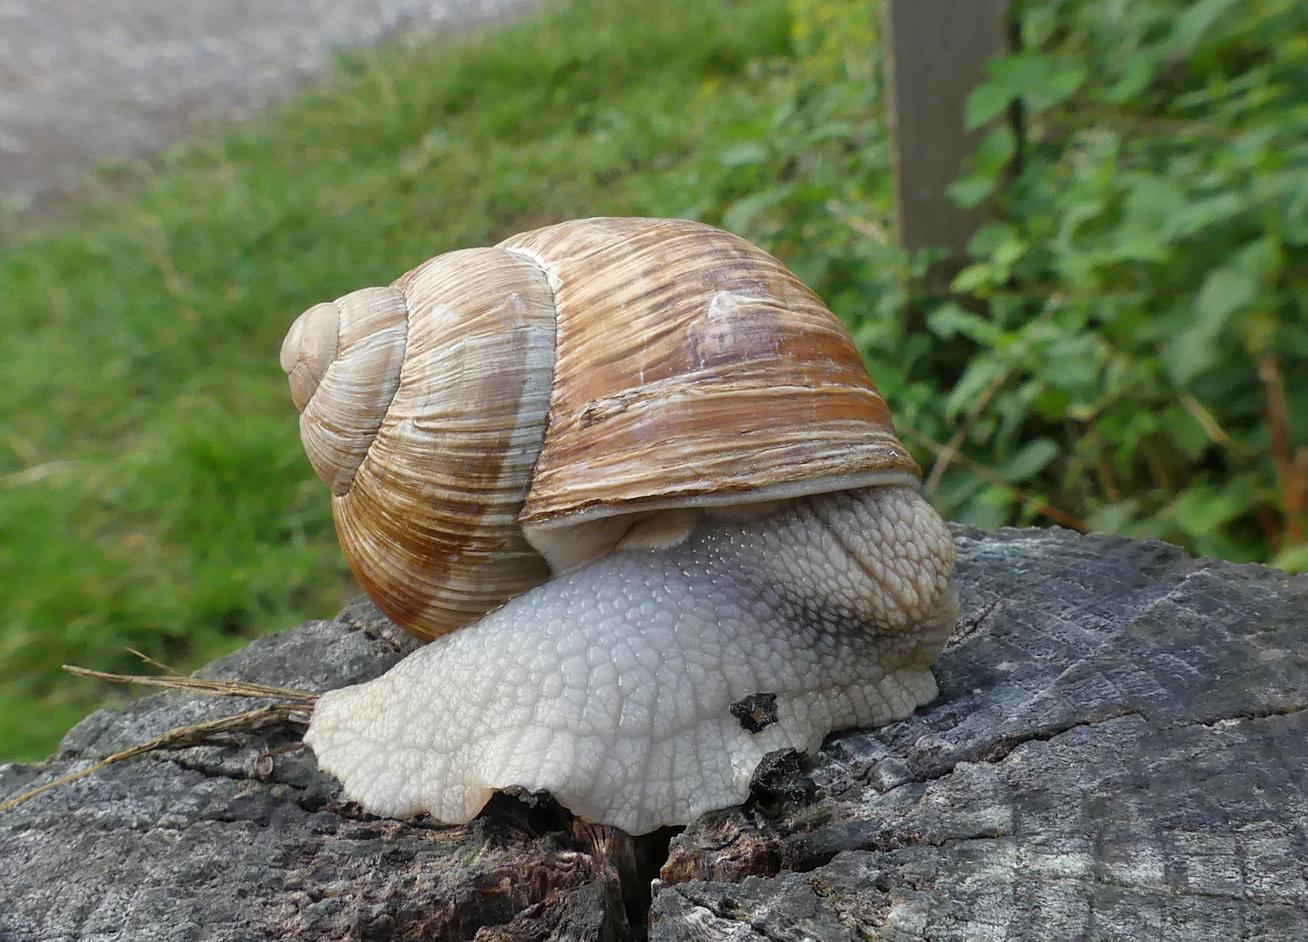 Roman Snail - Box Hill, 9 Aug 18